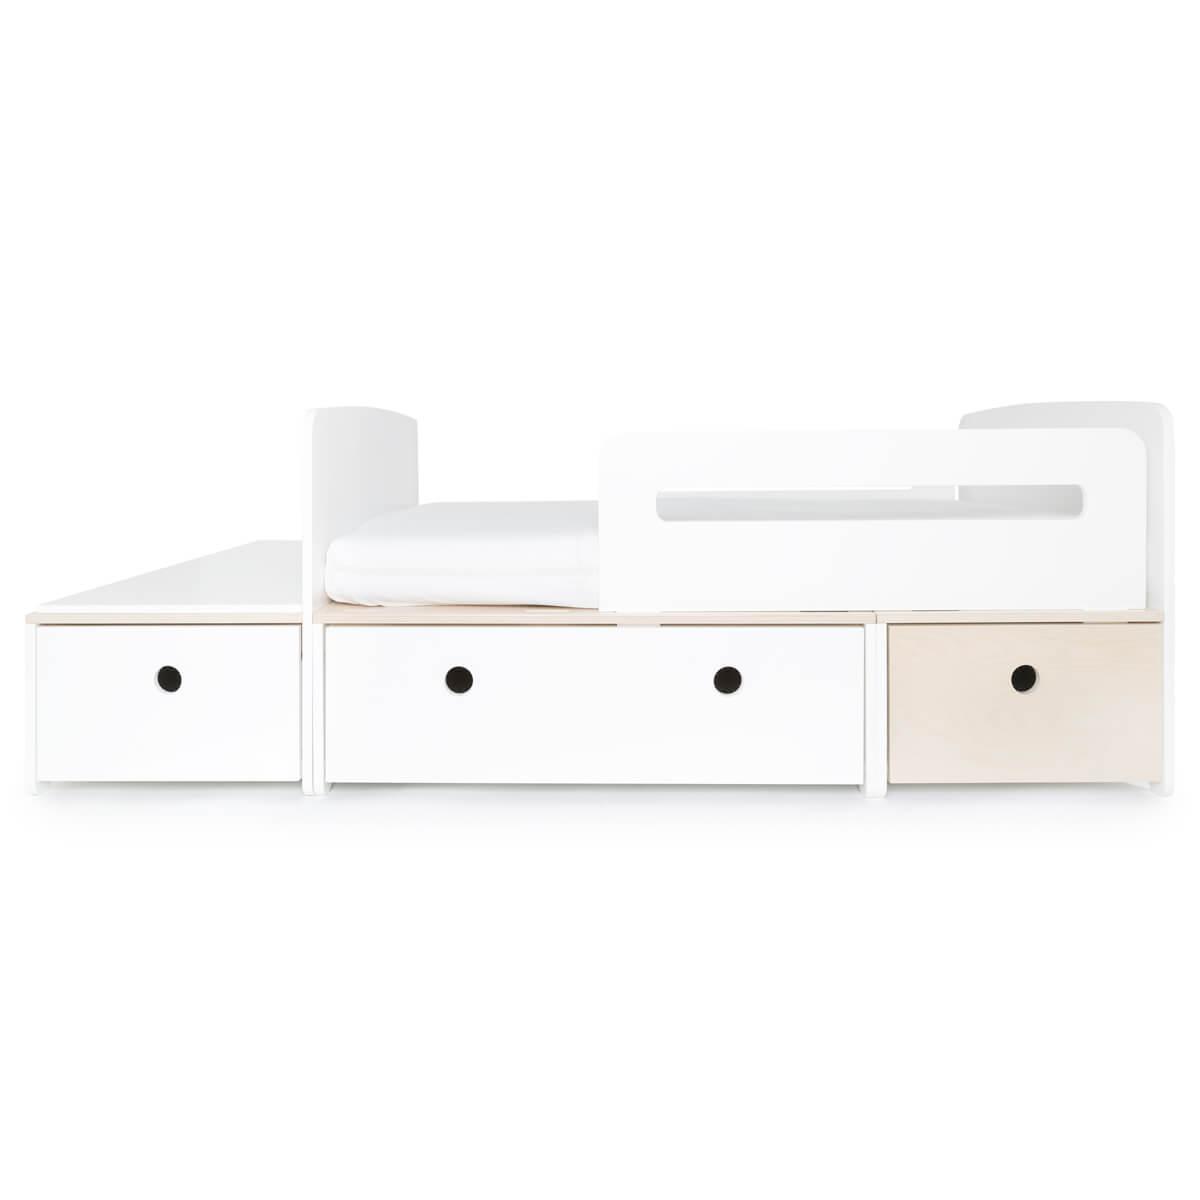 Lit junior évolutif 90x150/200cm COLORFLEX white-white-white wash